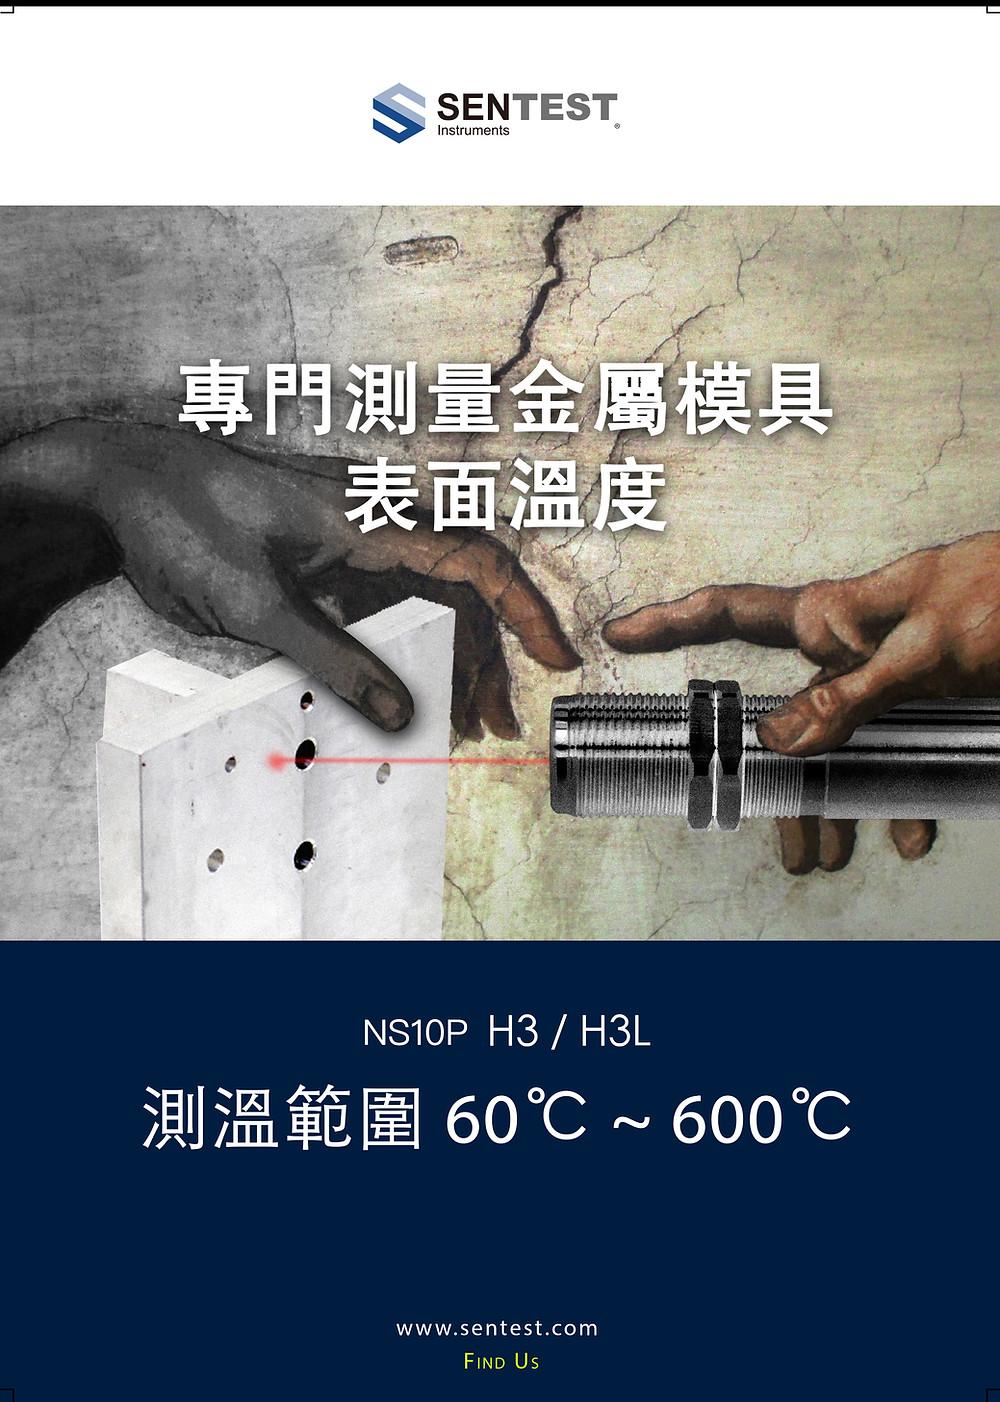 專門測量金屬模具表面溫度